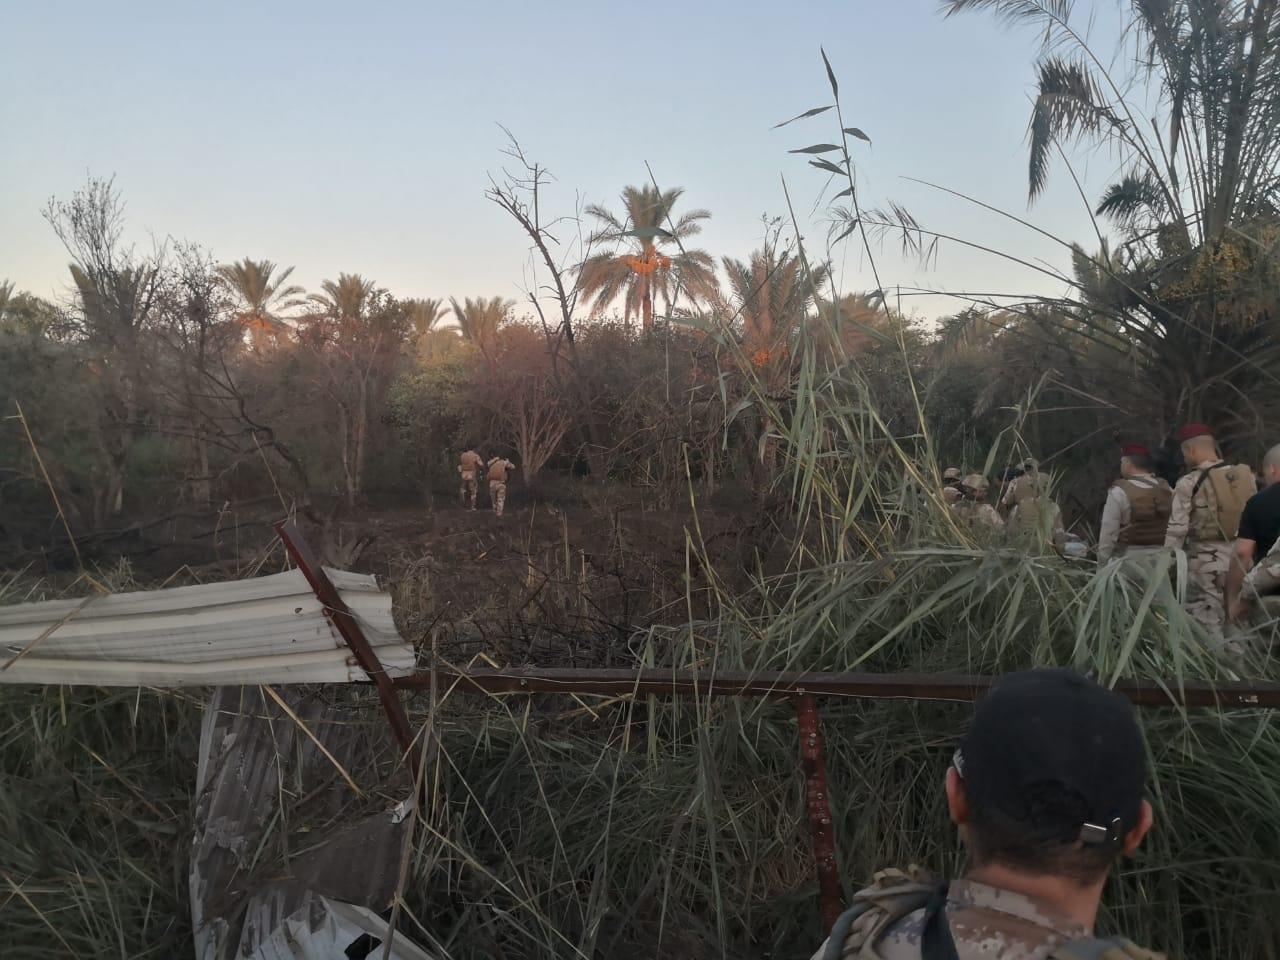 ضربة جوية تفتك باثنين من قادة داعش شمال بغداد